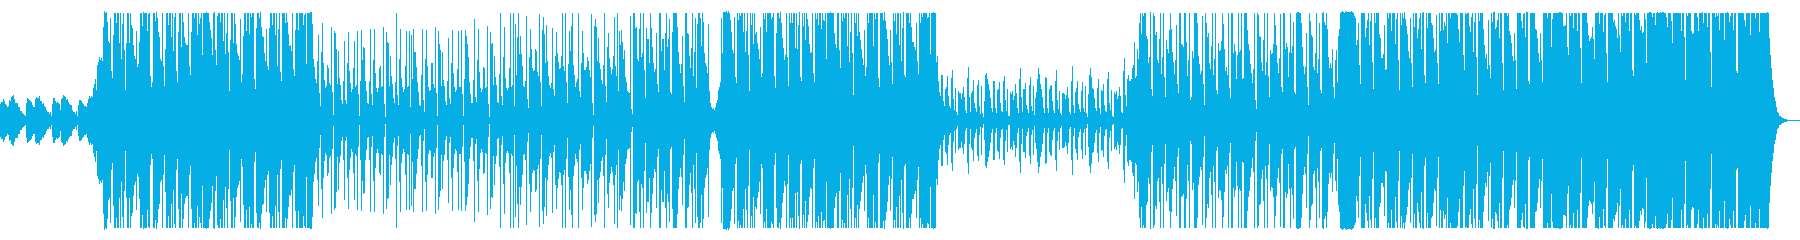 ダークでHipHopなビートの曲の再生済みの波形